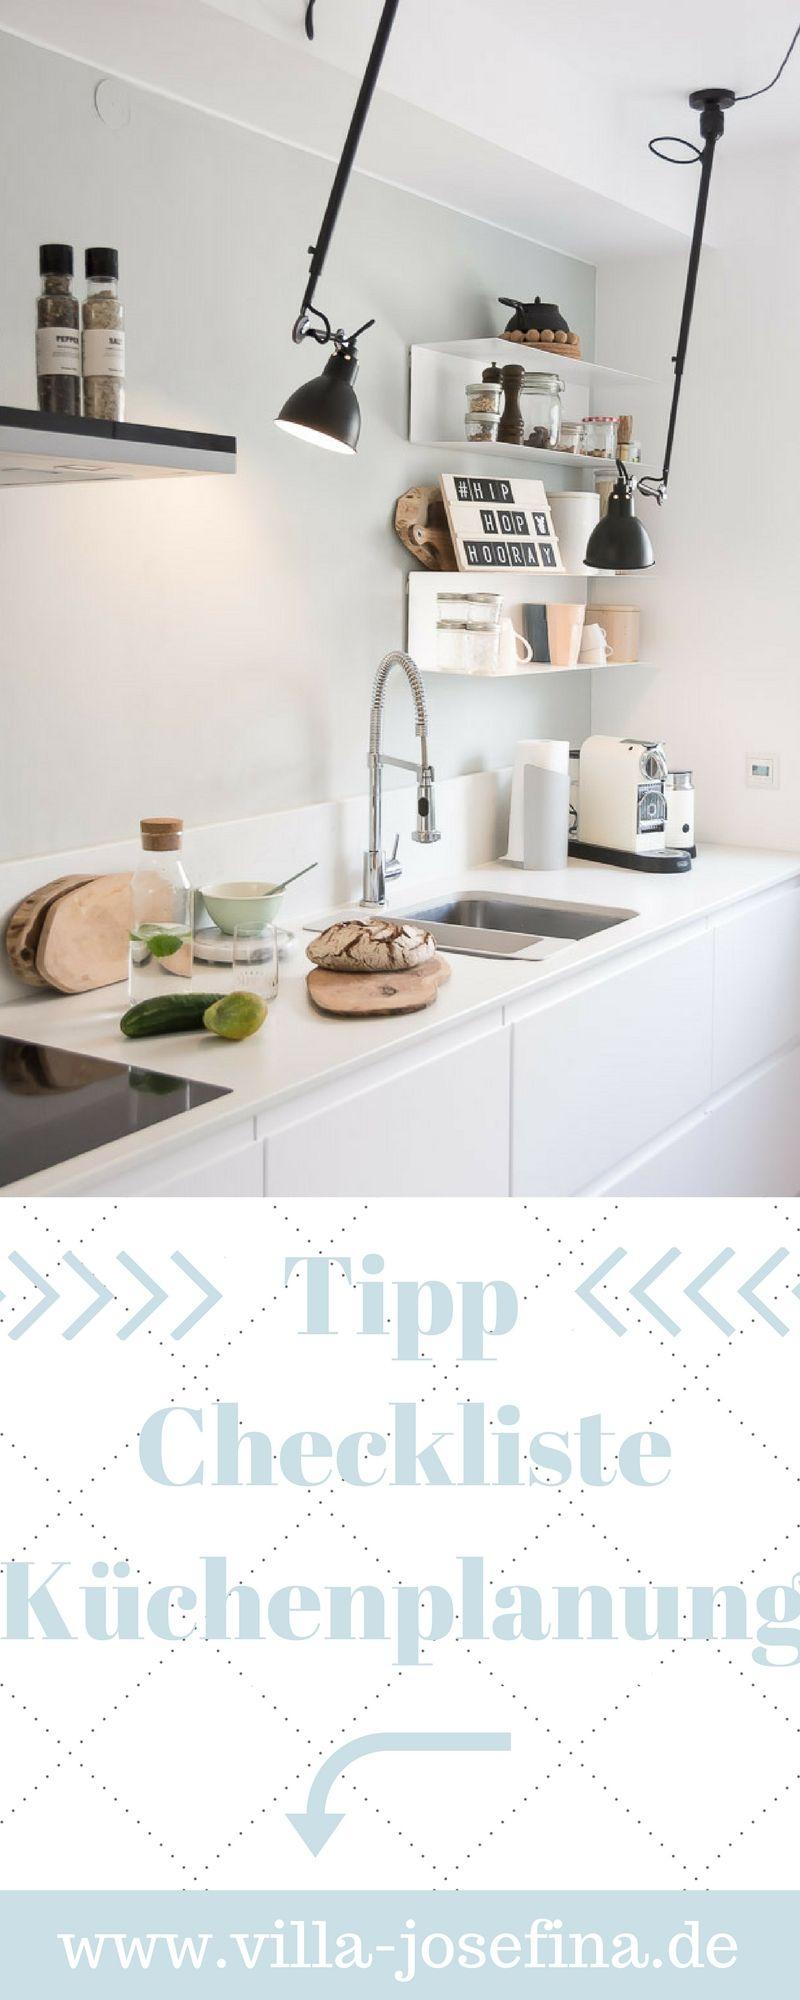 Tipps zur Küchenplanung, Checkliste neue Küche, grifflose Küche ...